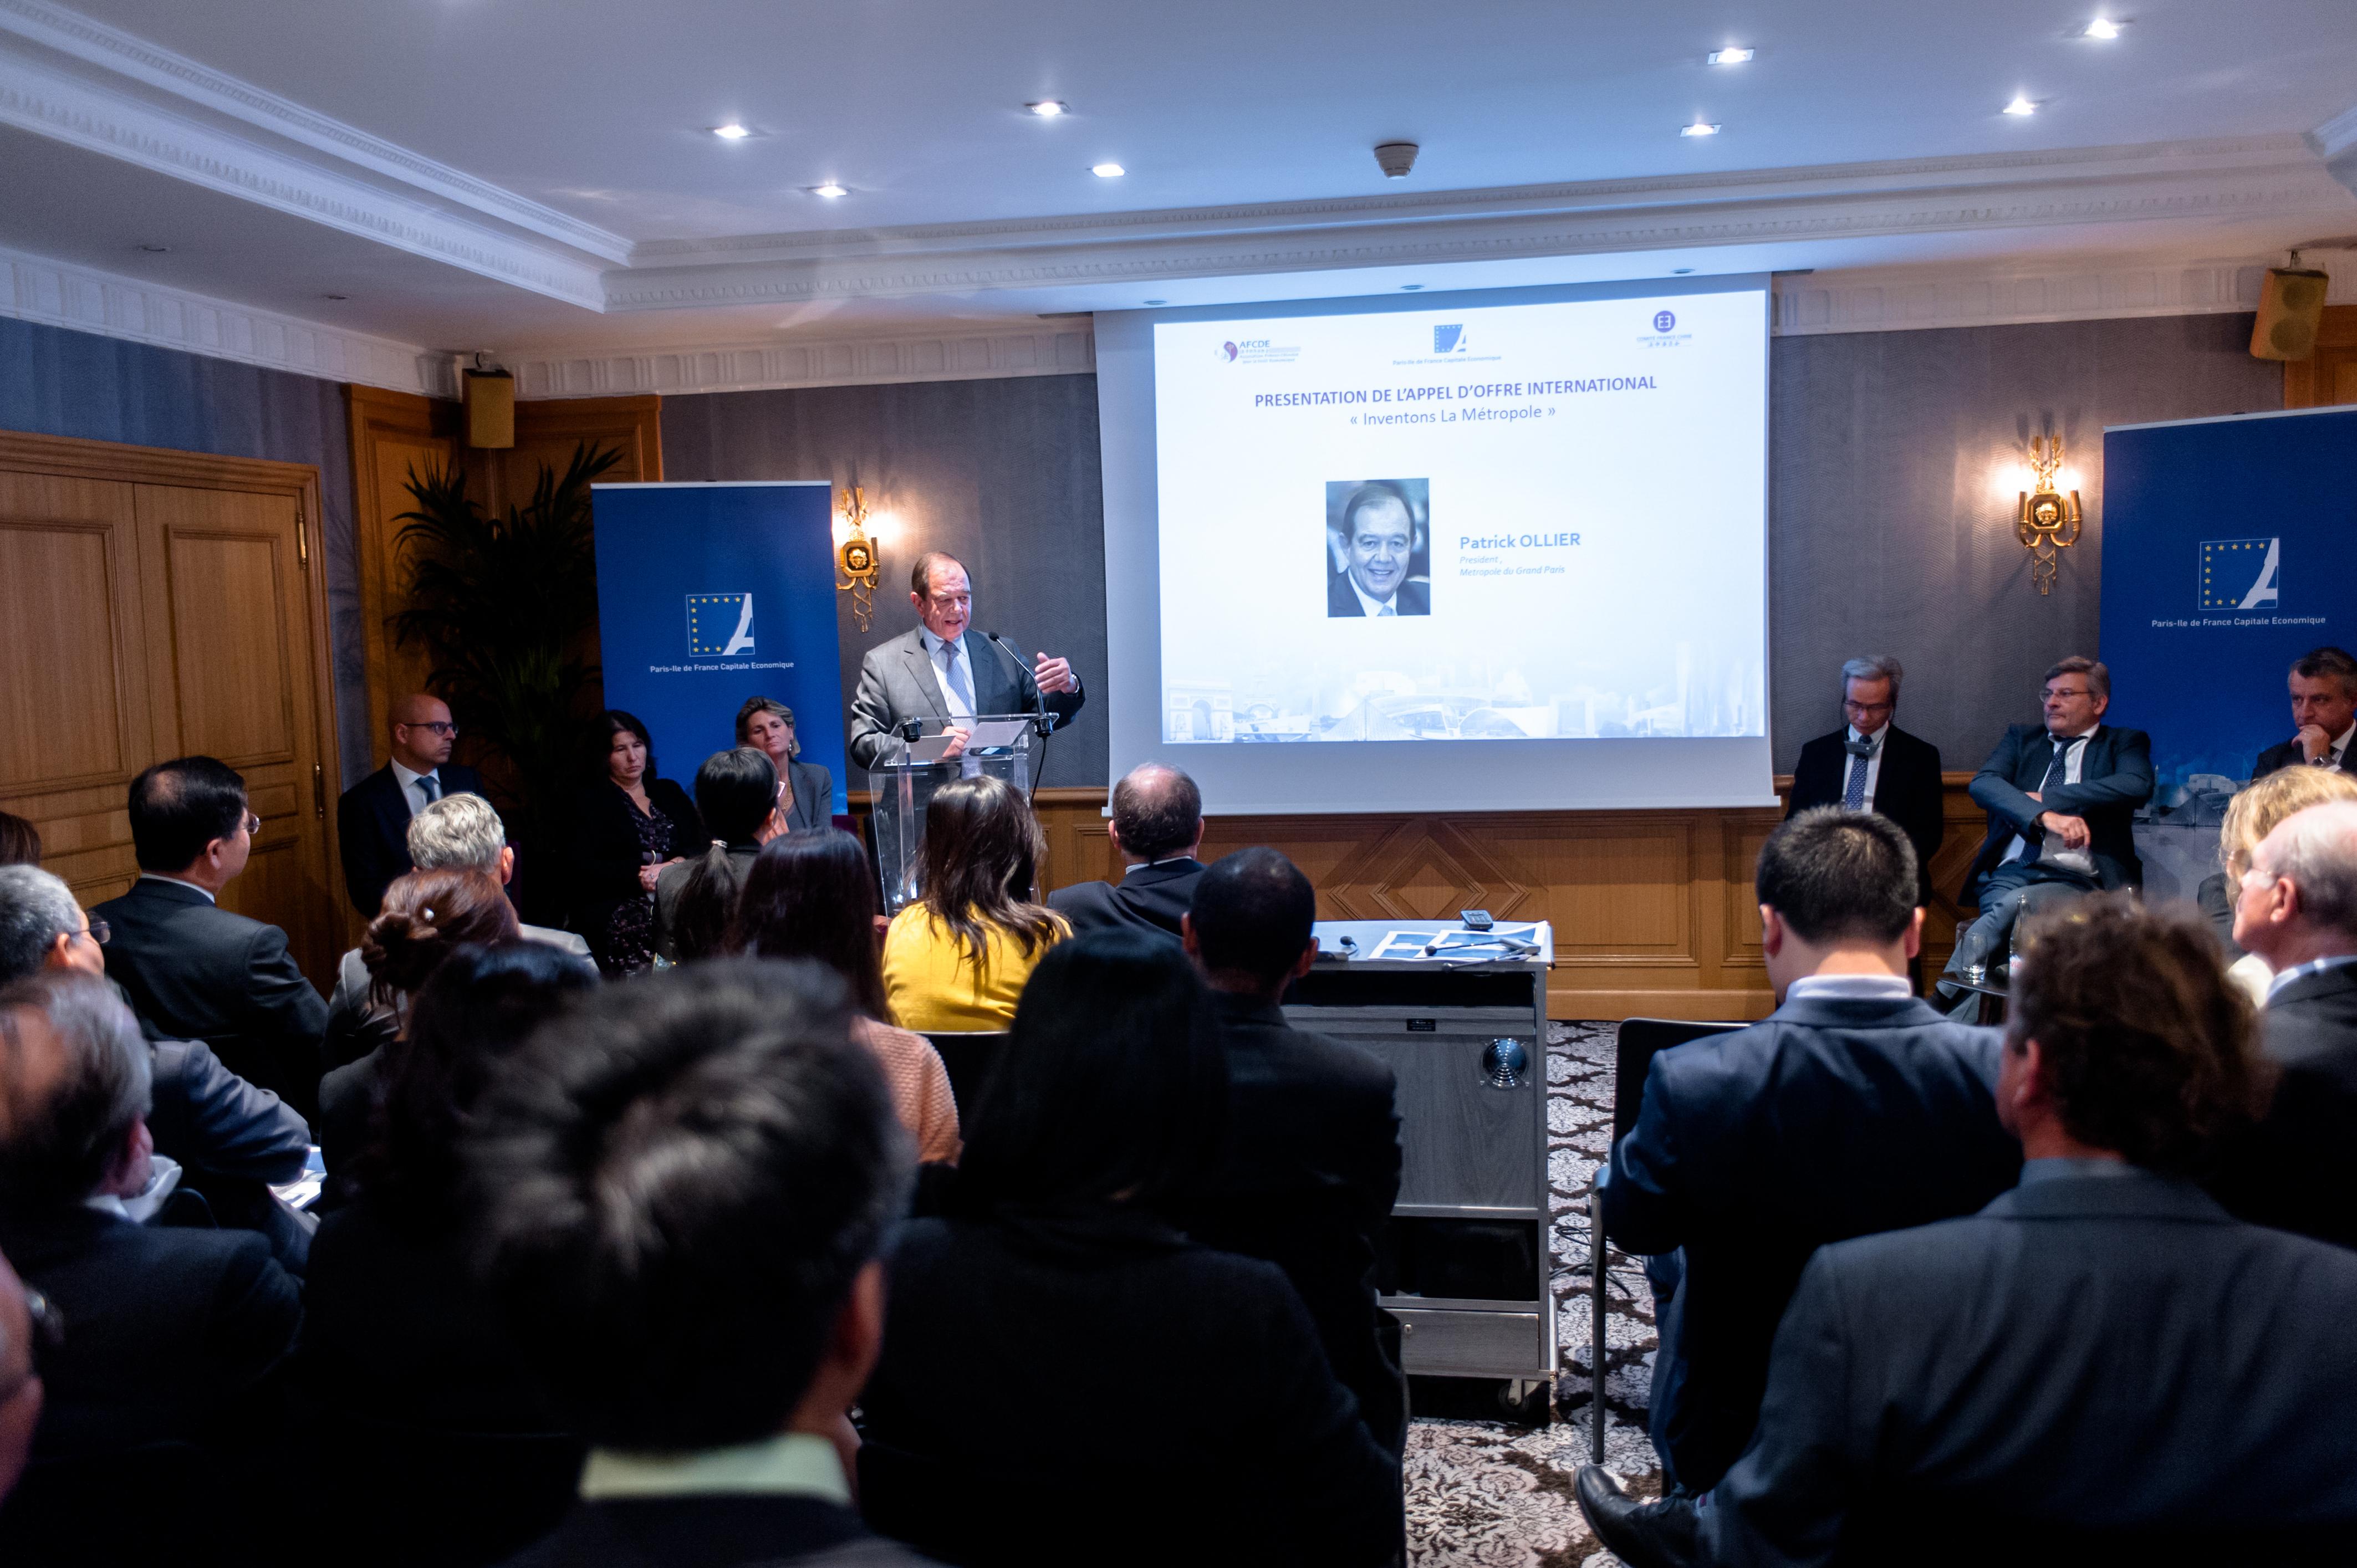 le 19 octobre 2016, SEMINAIRE FRANCO-CHINOIS LE PROJET DU GRAND PARIS ET LES OPPORTUNITES D'INVESTISSEMENT ET DE PARTENARIATS qui s'est déroulé à l'hotel Scribe à Paris (75)